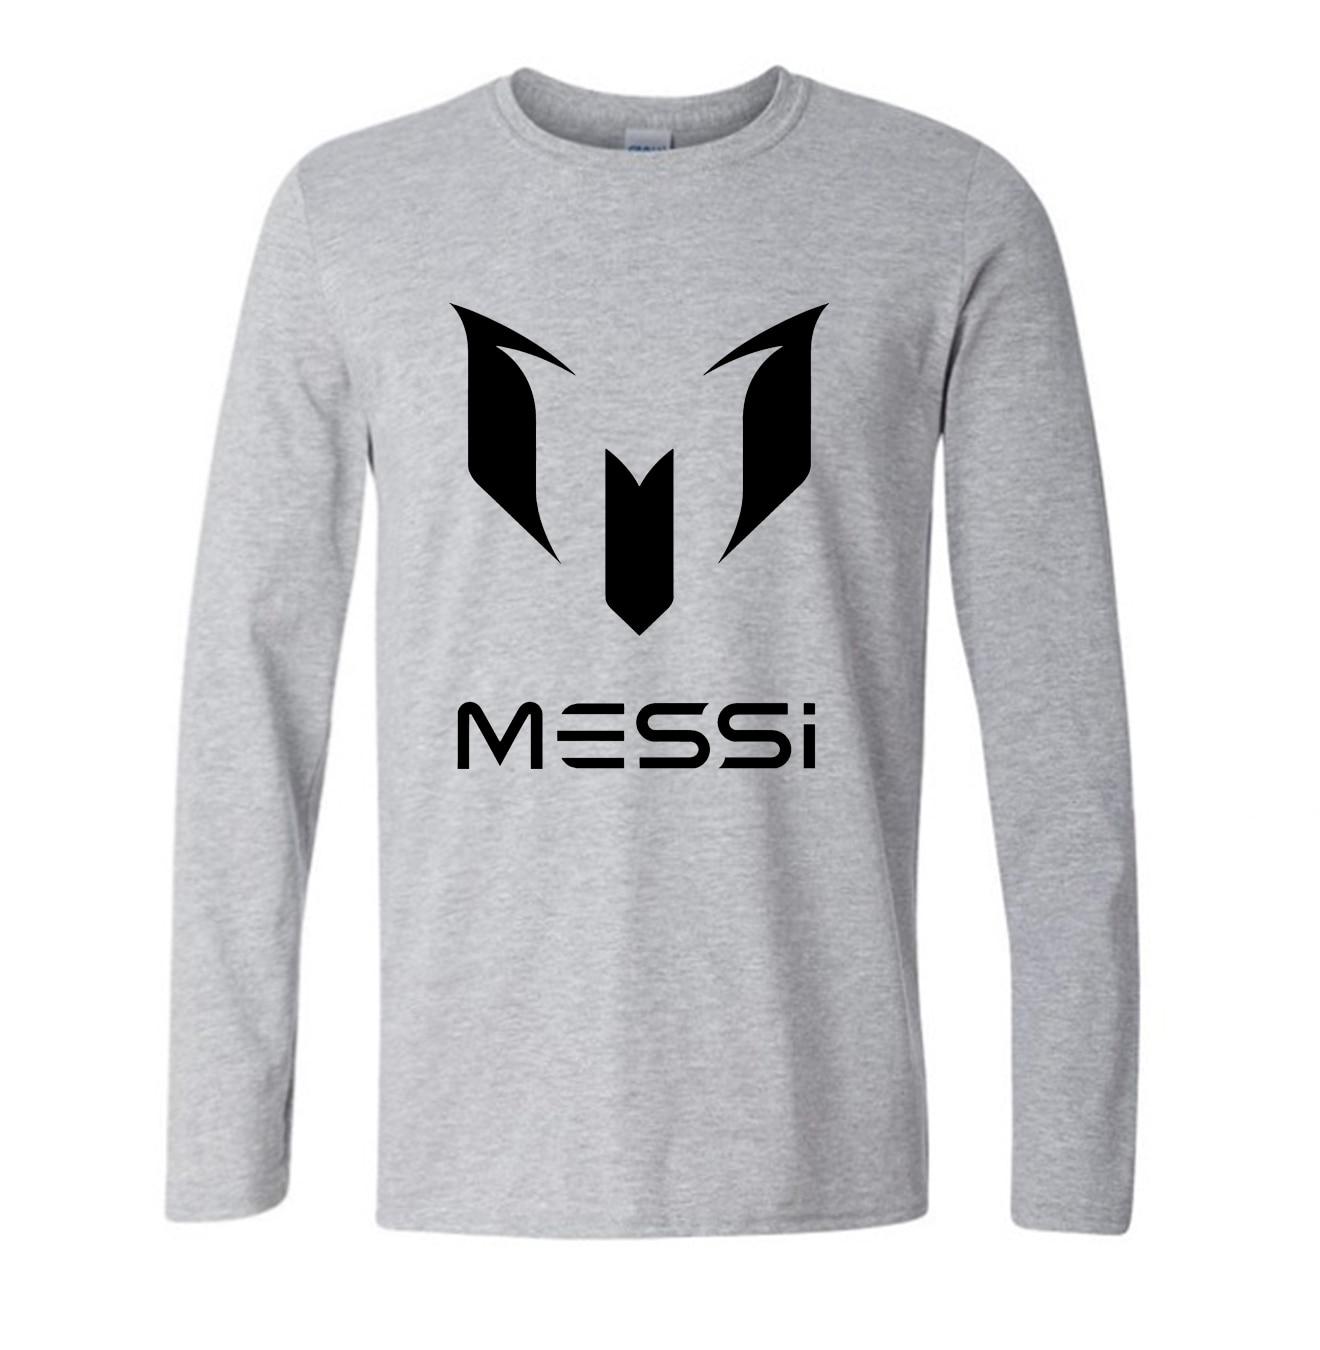 · Luis Suarez'in yılında attığı tüm goller, türkçe spikerli olarak sizlerle. Suarez, yılında en çok gol atan 3. isim. 1. Messi (59 gol), 2. Ronaldo .